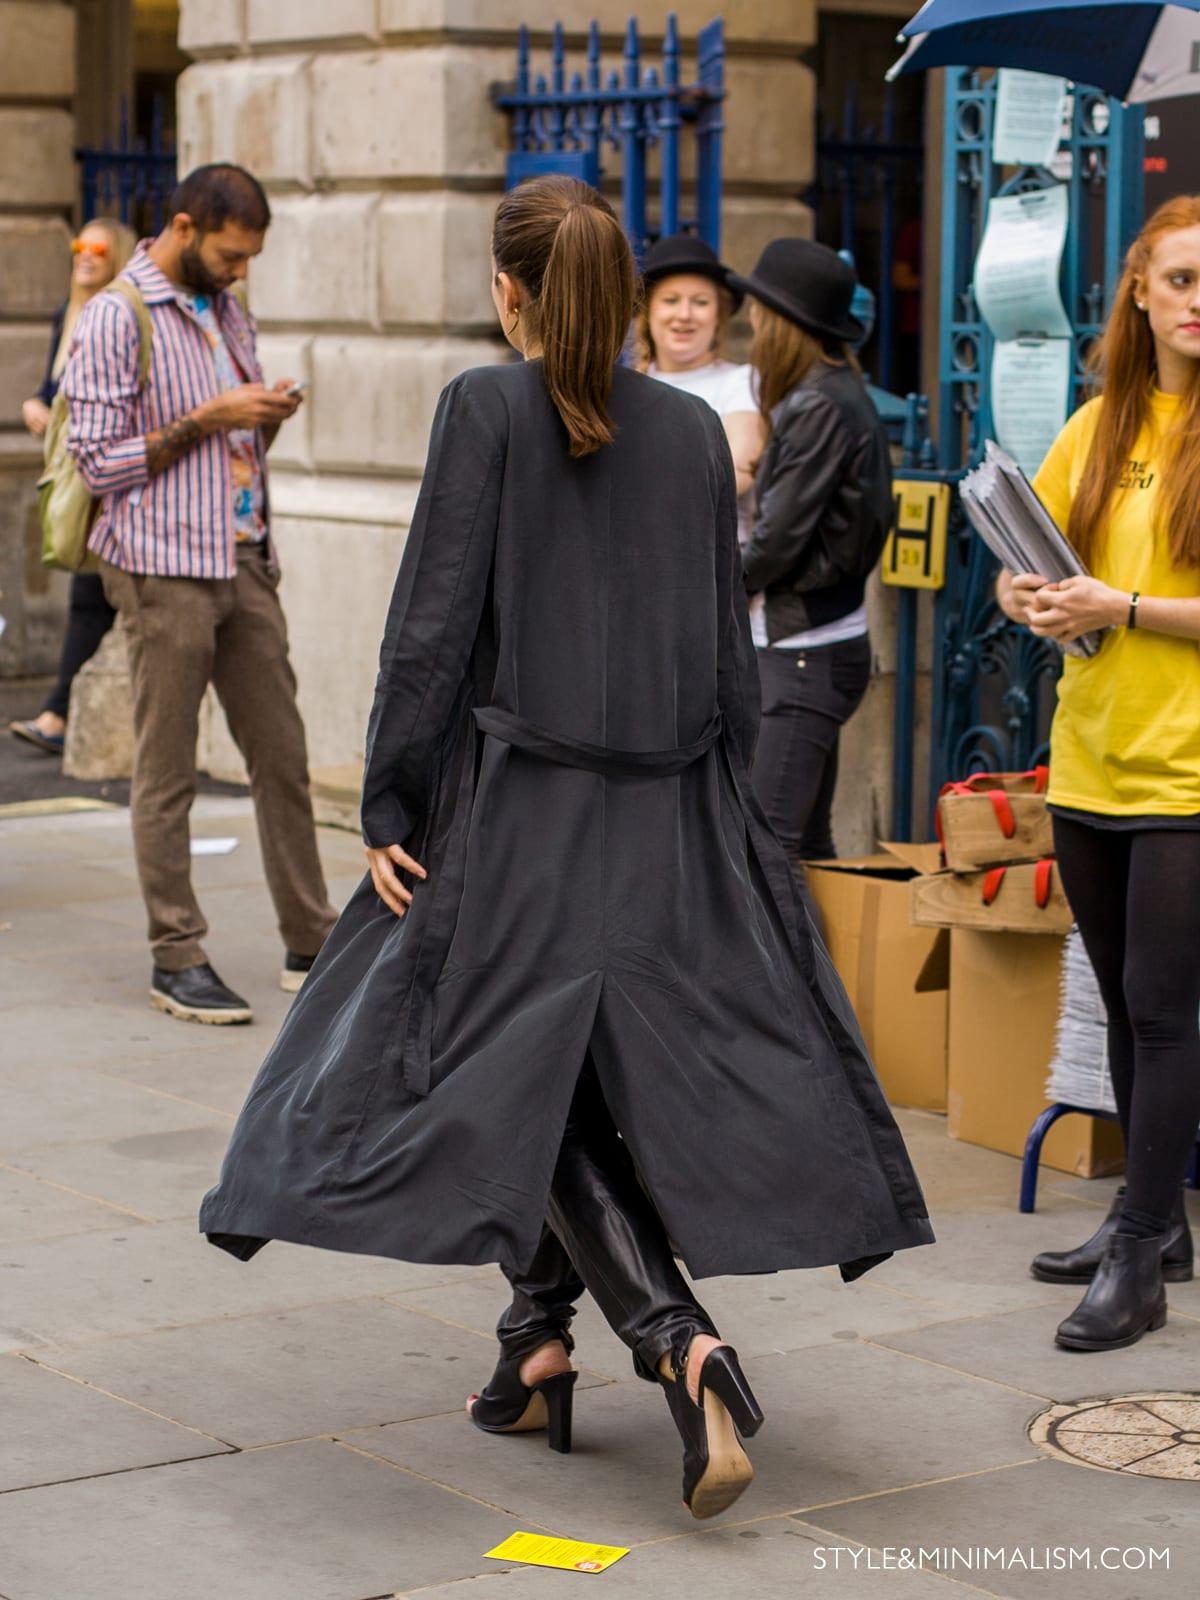 StyleANDMinimalism | LFW SS15 | Street Style | Day 1